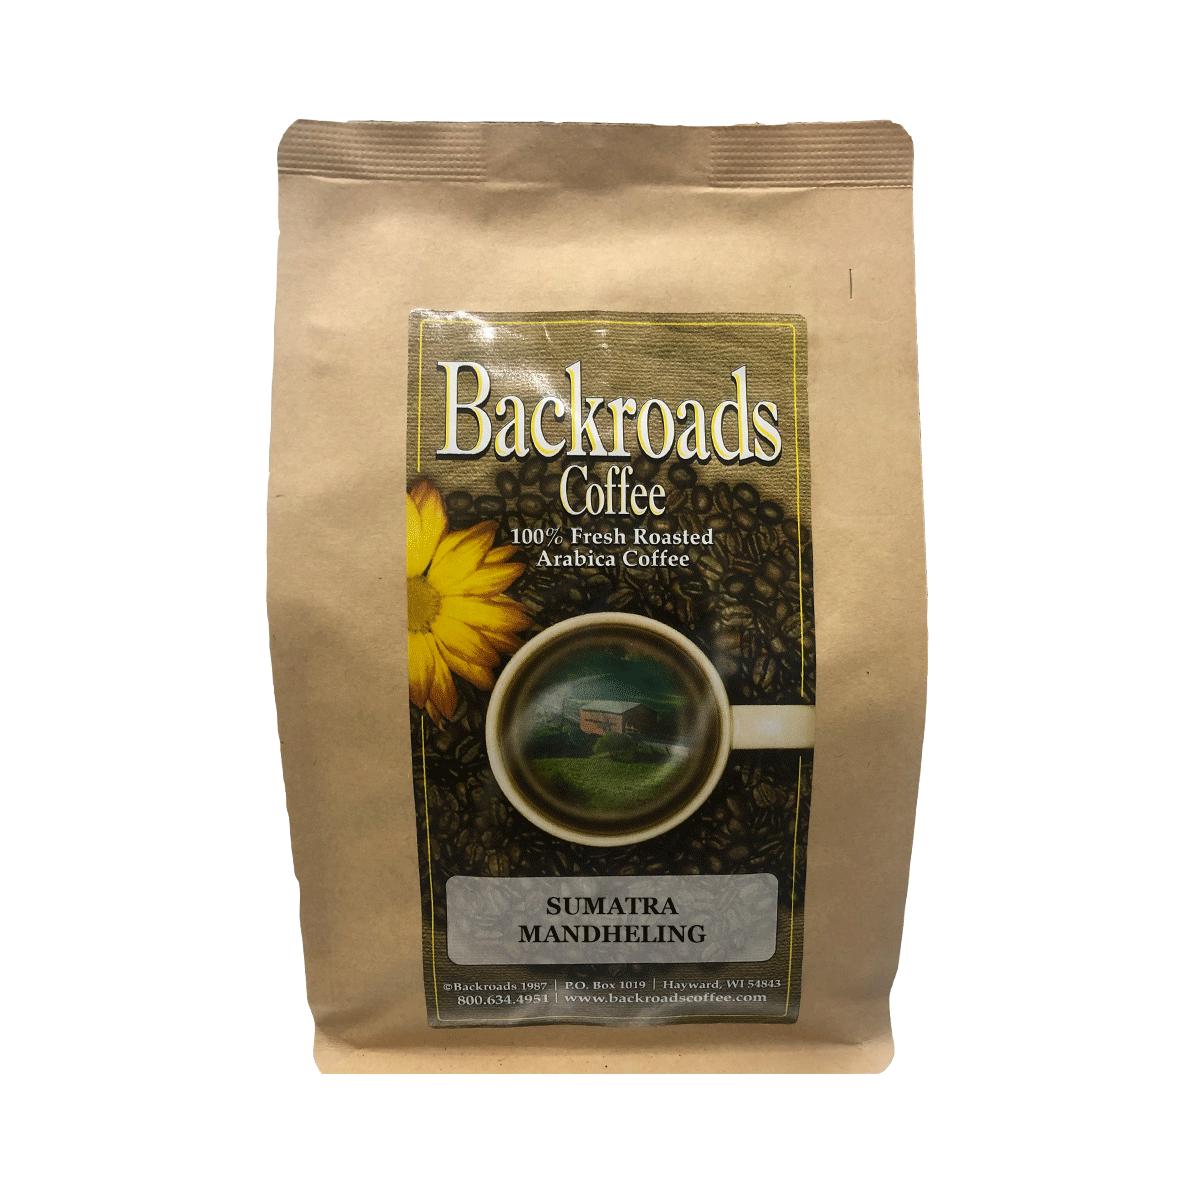 Sumatra Mandheling 8 oz Coffee